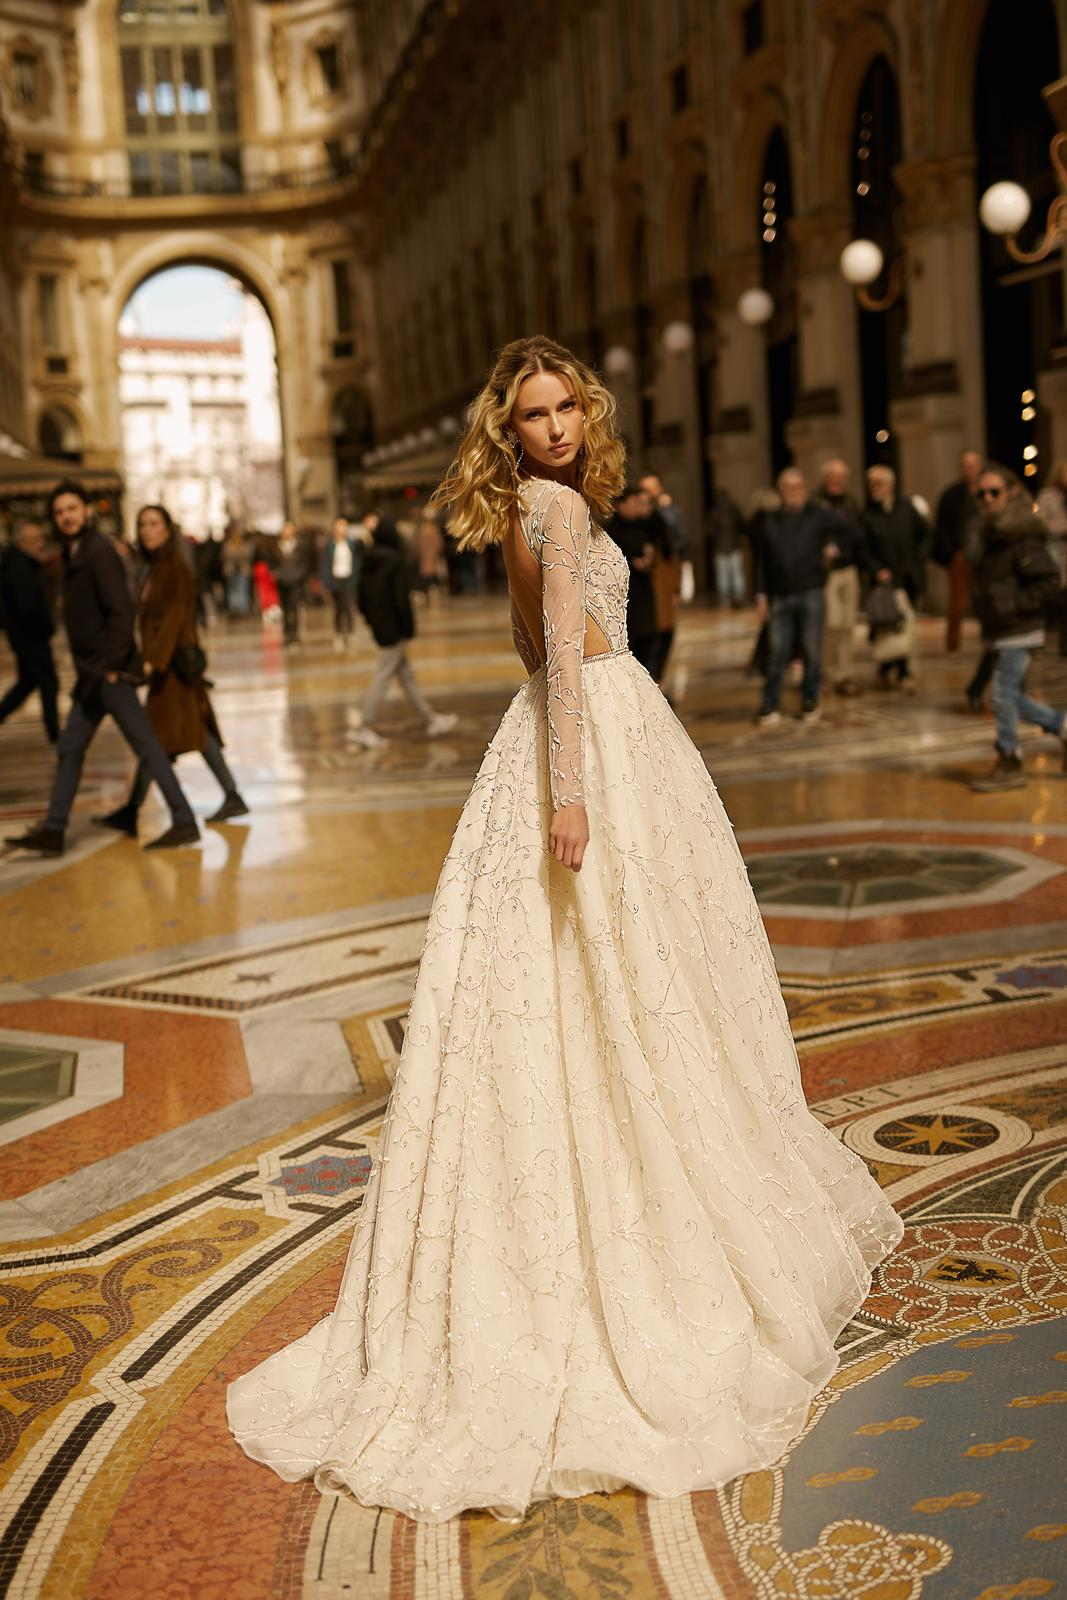 Svadobné šaty jar/leto 2020 BERTA Miláno - Obrázok č. 11